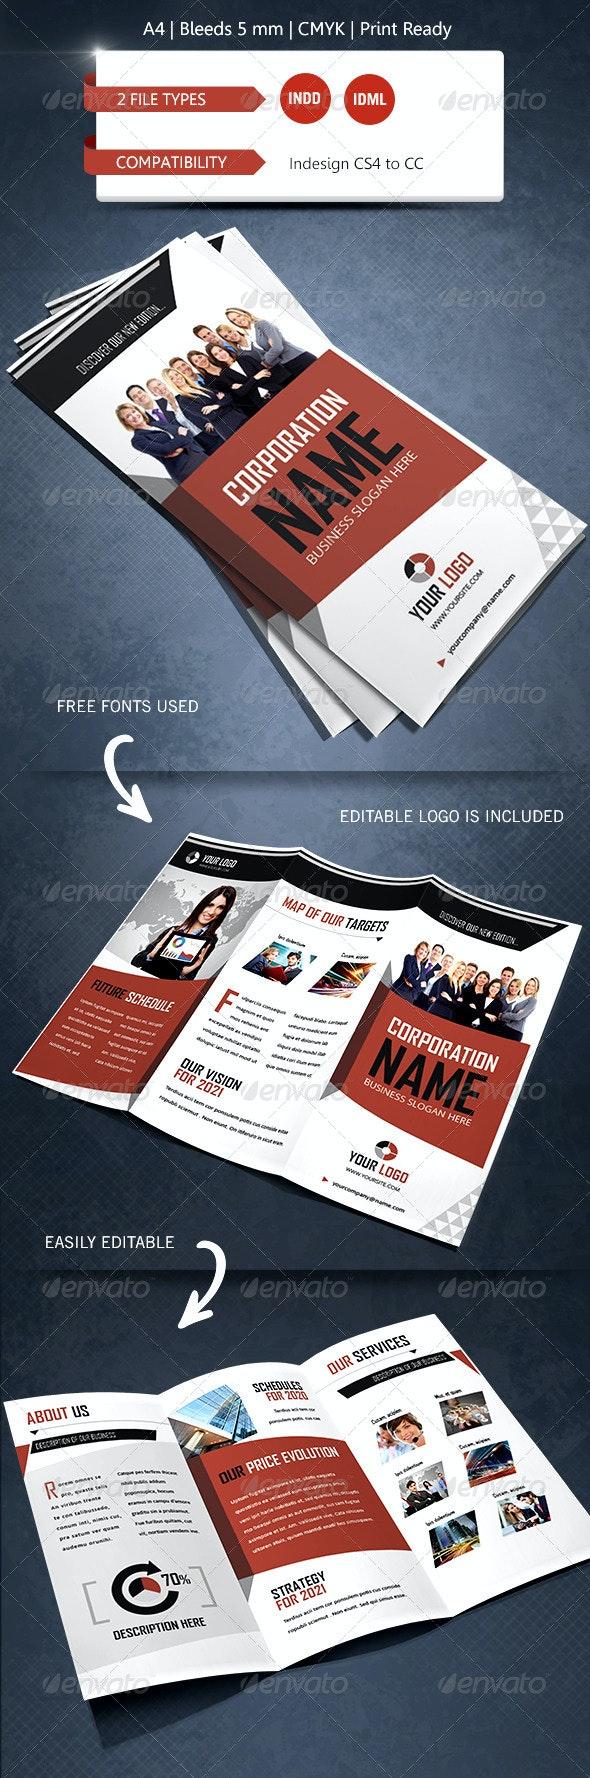 Creative & Corporate Trifold Brochure Template - Corporate Brochures